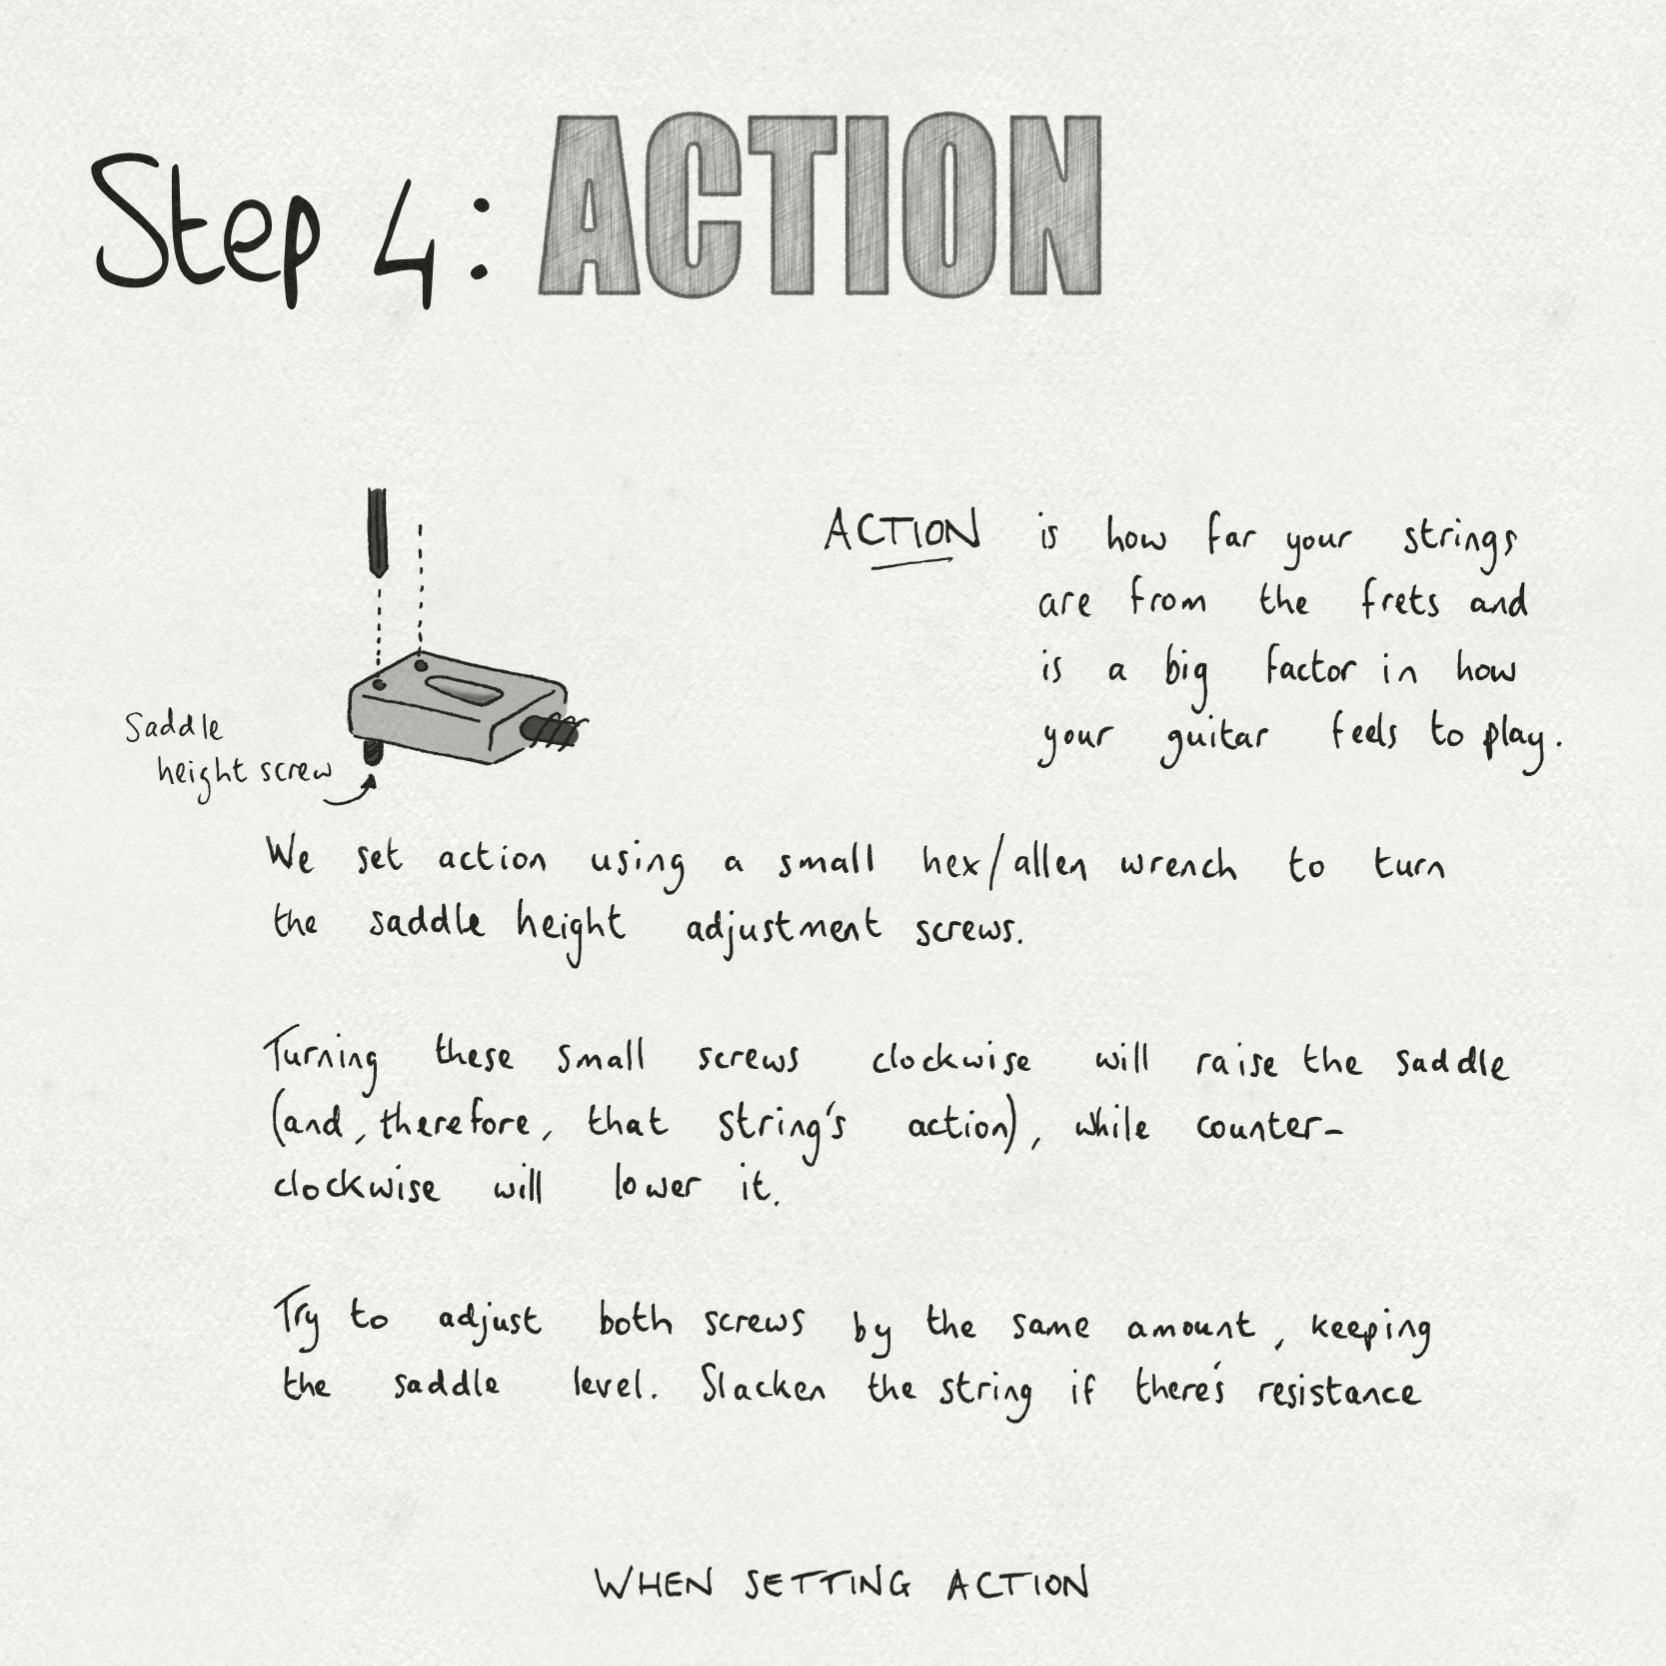 Sketchy Setups Set Action Strat